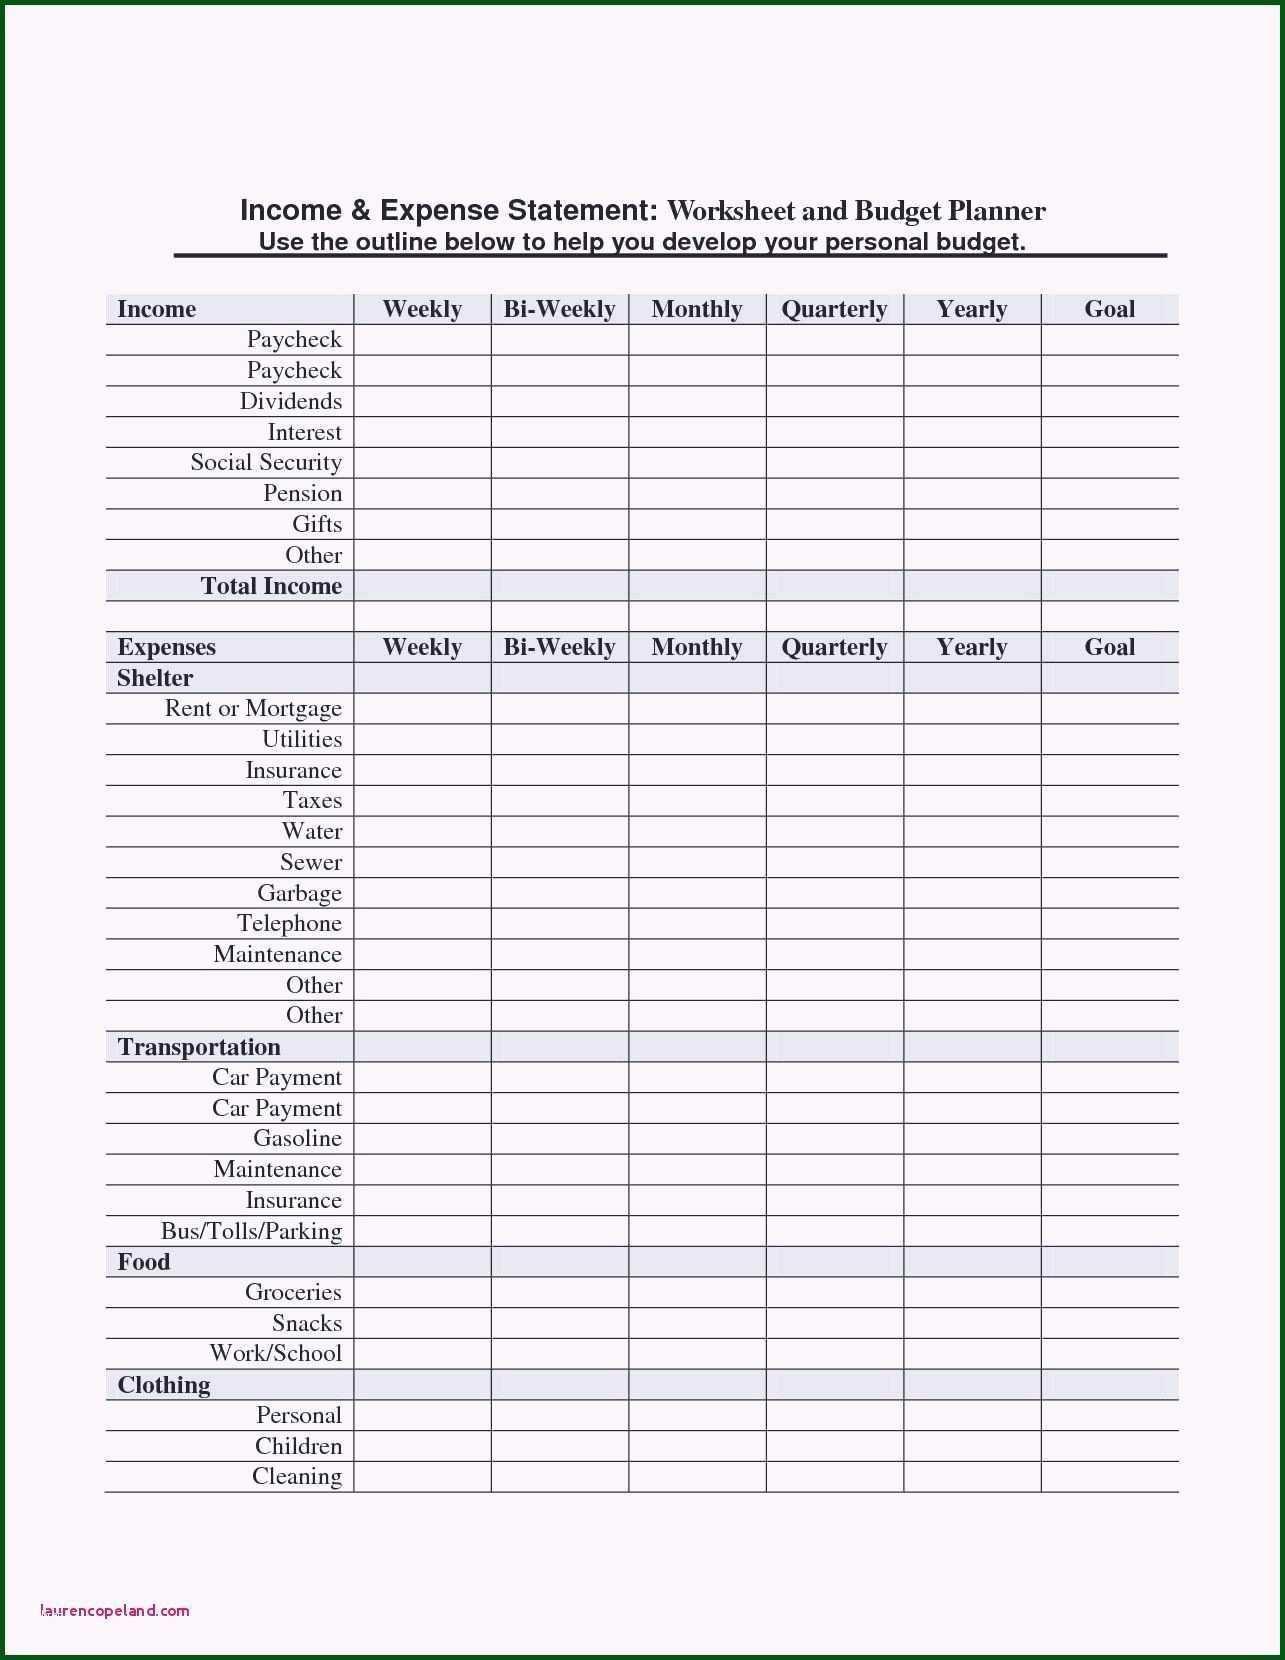 Verfahrensverzeichnis Dsgvo Vorlage Fantastisch Inventarliste Vorlage Muster Besten Der Muster Vorlage Ideen Kartenvorlage Flyer Erstellen Vorlagen